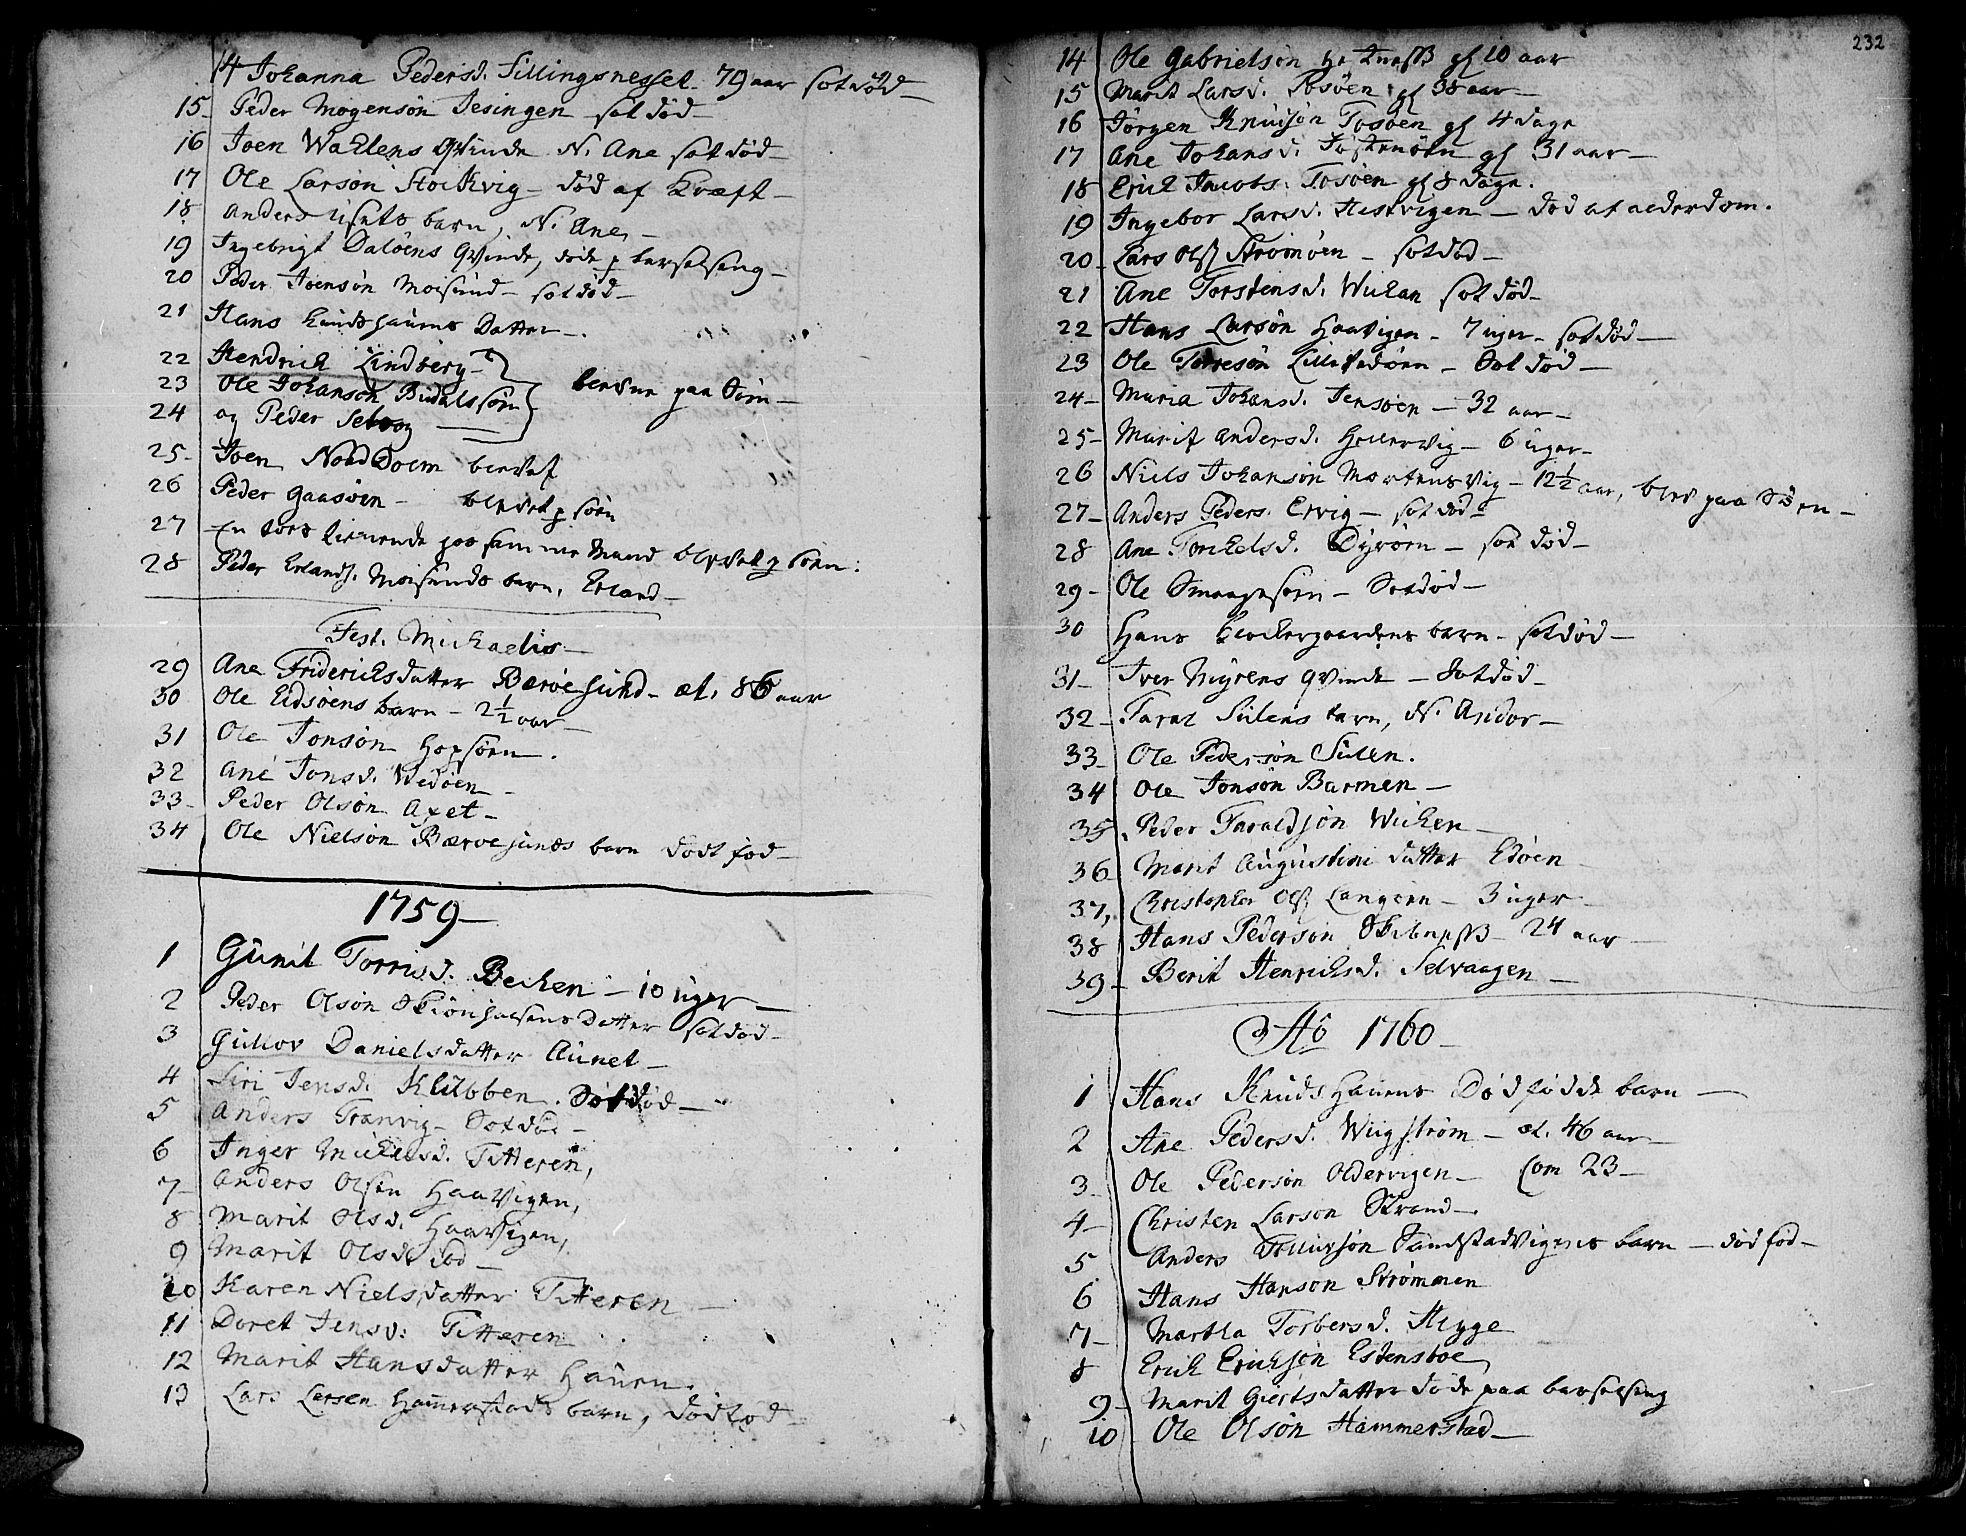 SAT, Ministerialprotokoller, klokkerbøker og fødselsregistre - Sør-Trøndelag, 634/L0525: Ministerialbok nr. 634A01, 1736-1775, s. 232